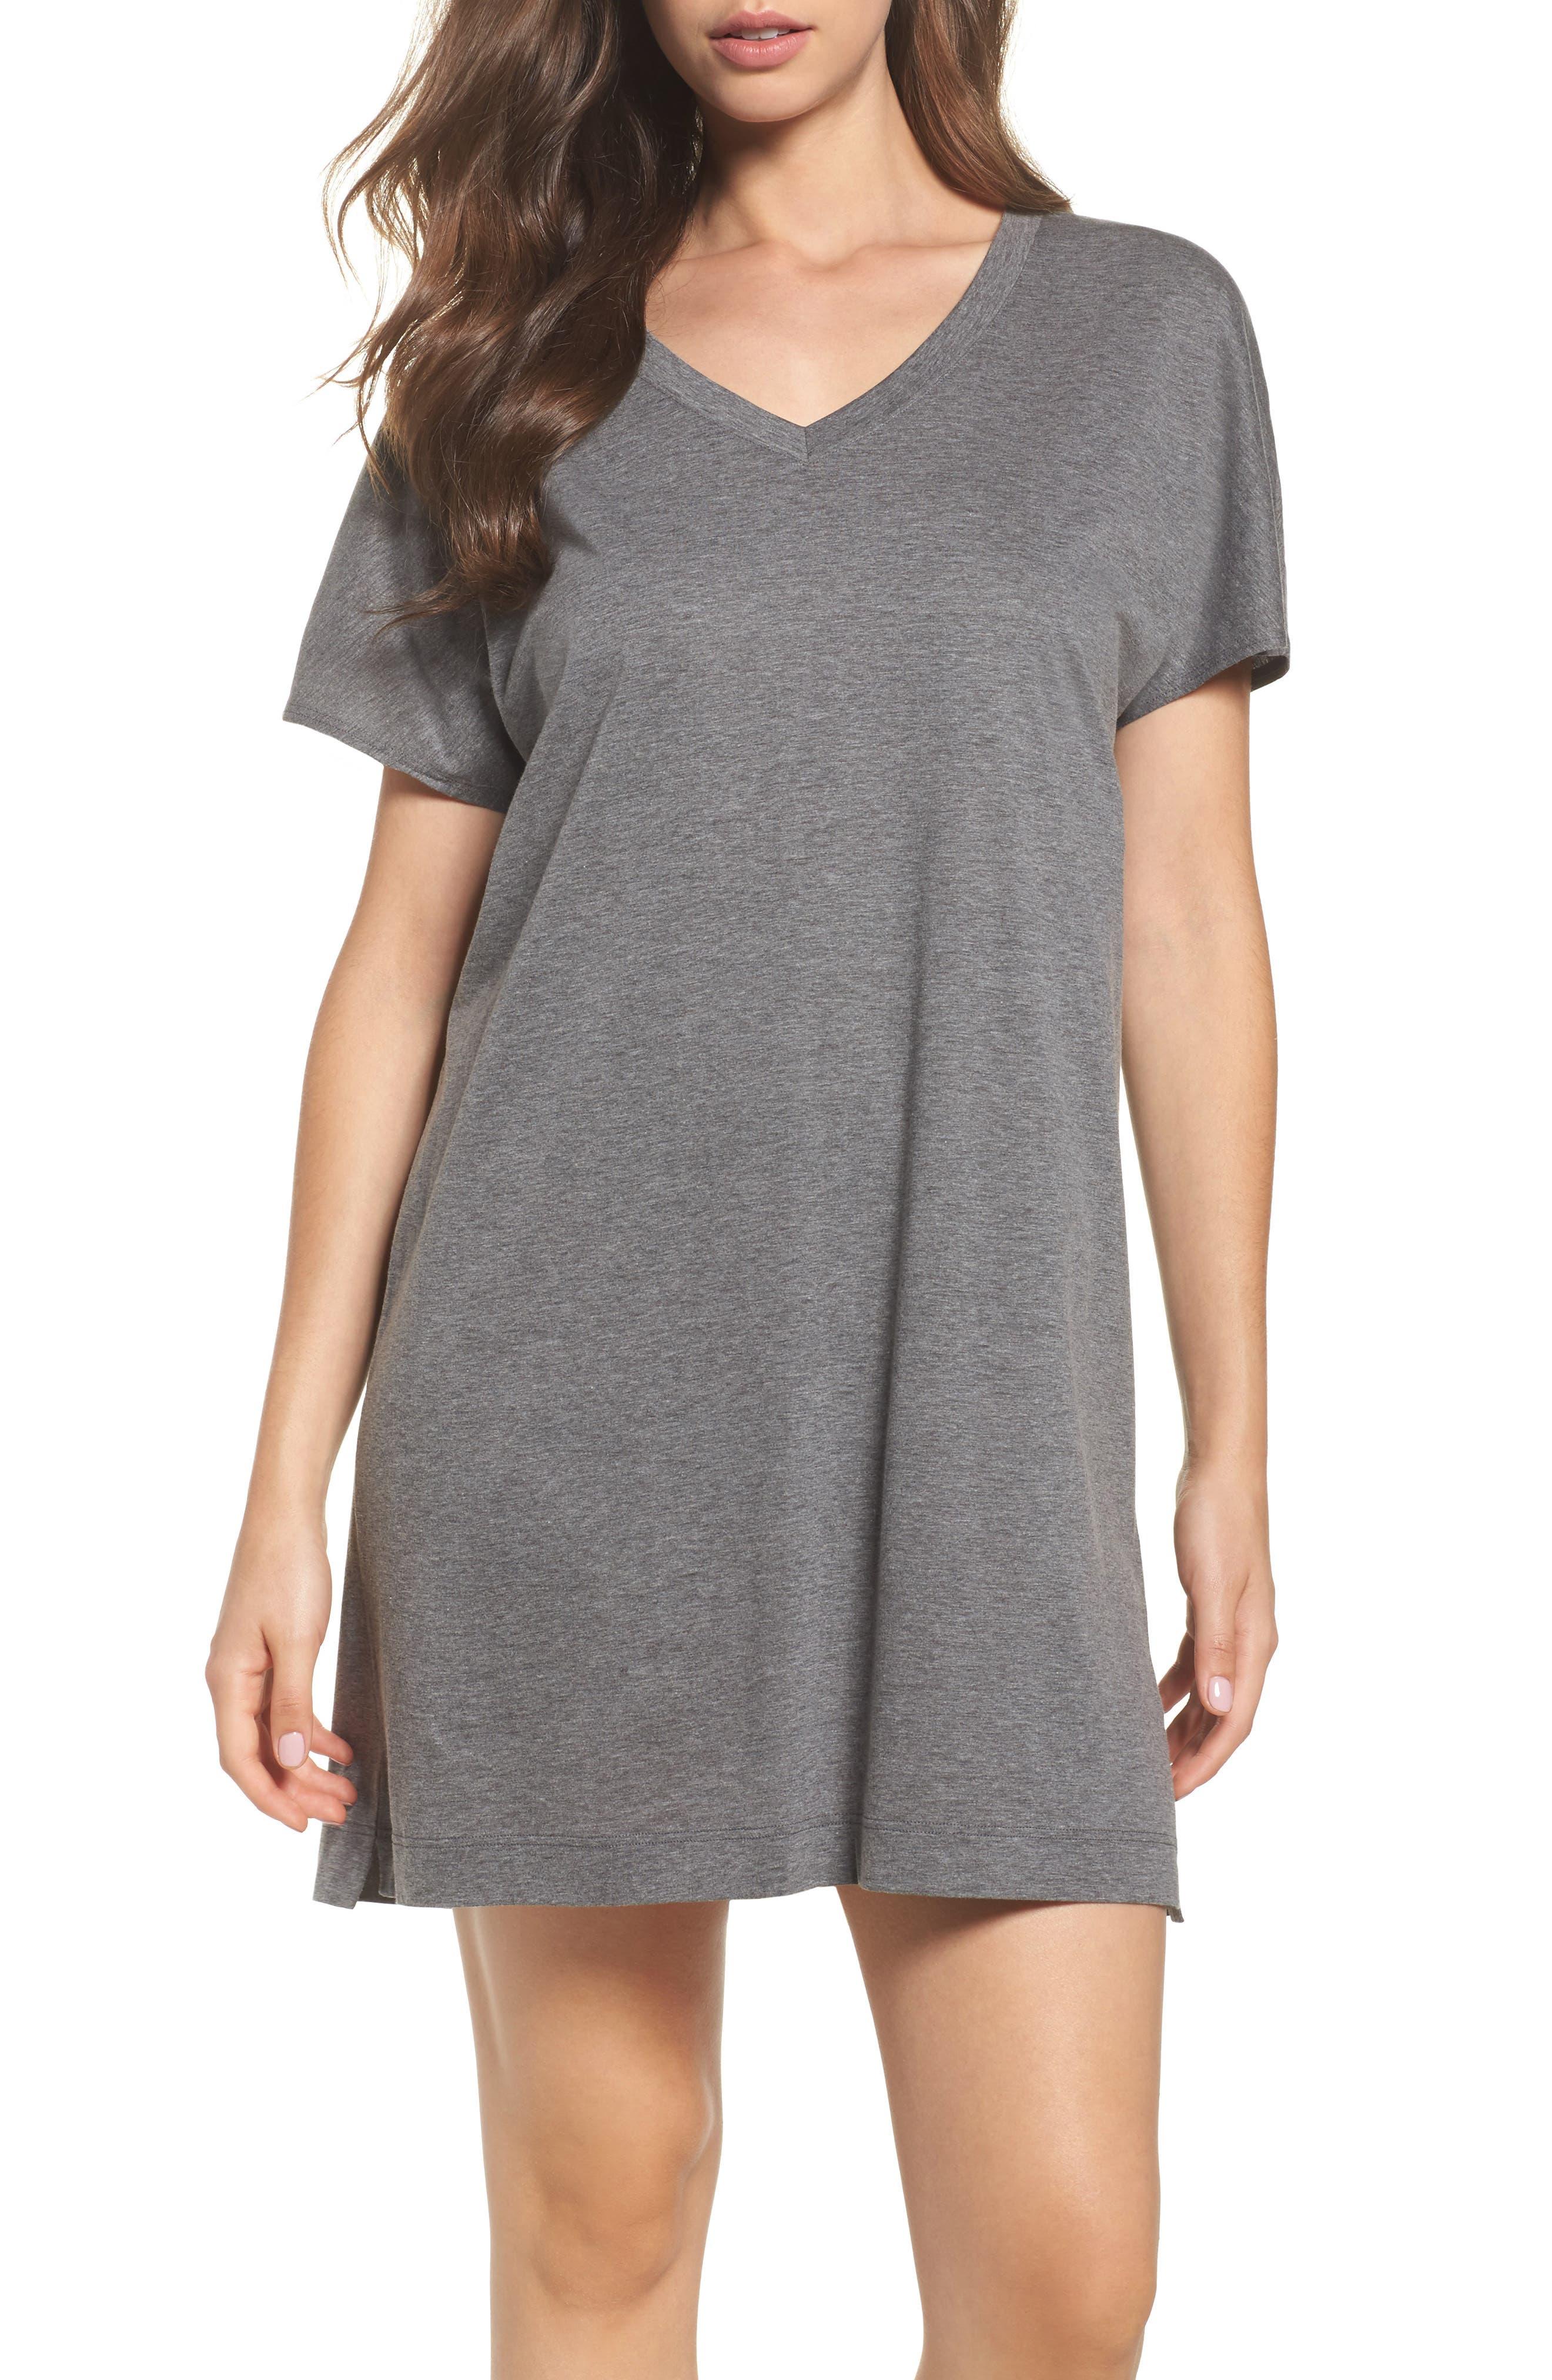 Laura Jersey Sleep Shirt,                             Main thumbnail 1, color,                             020